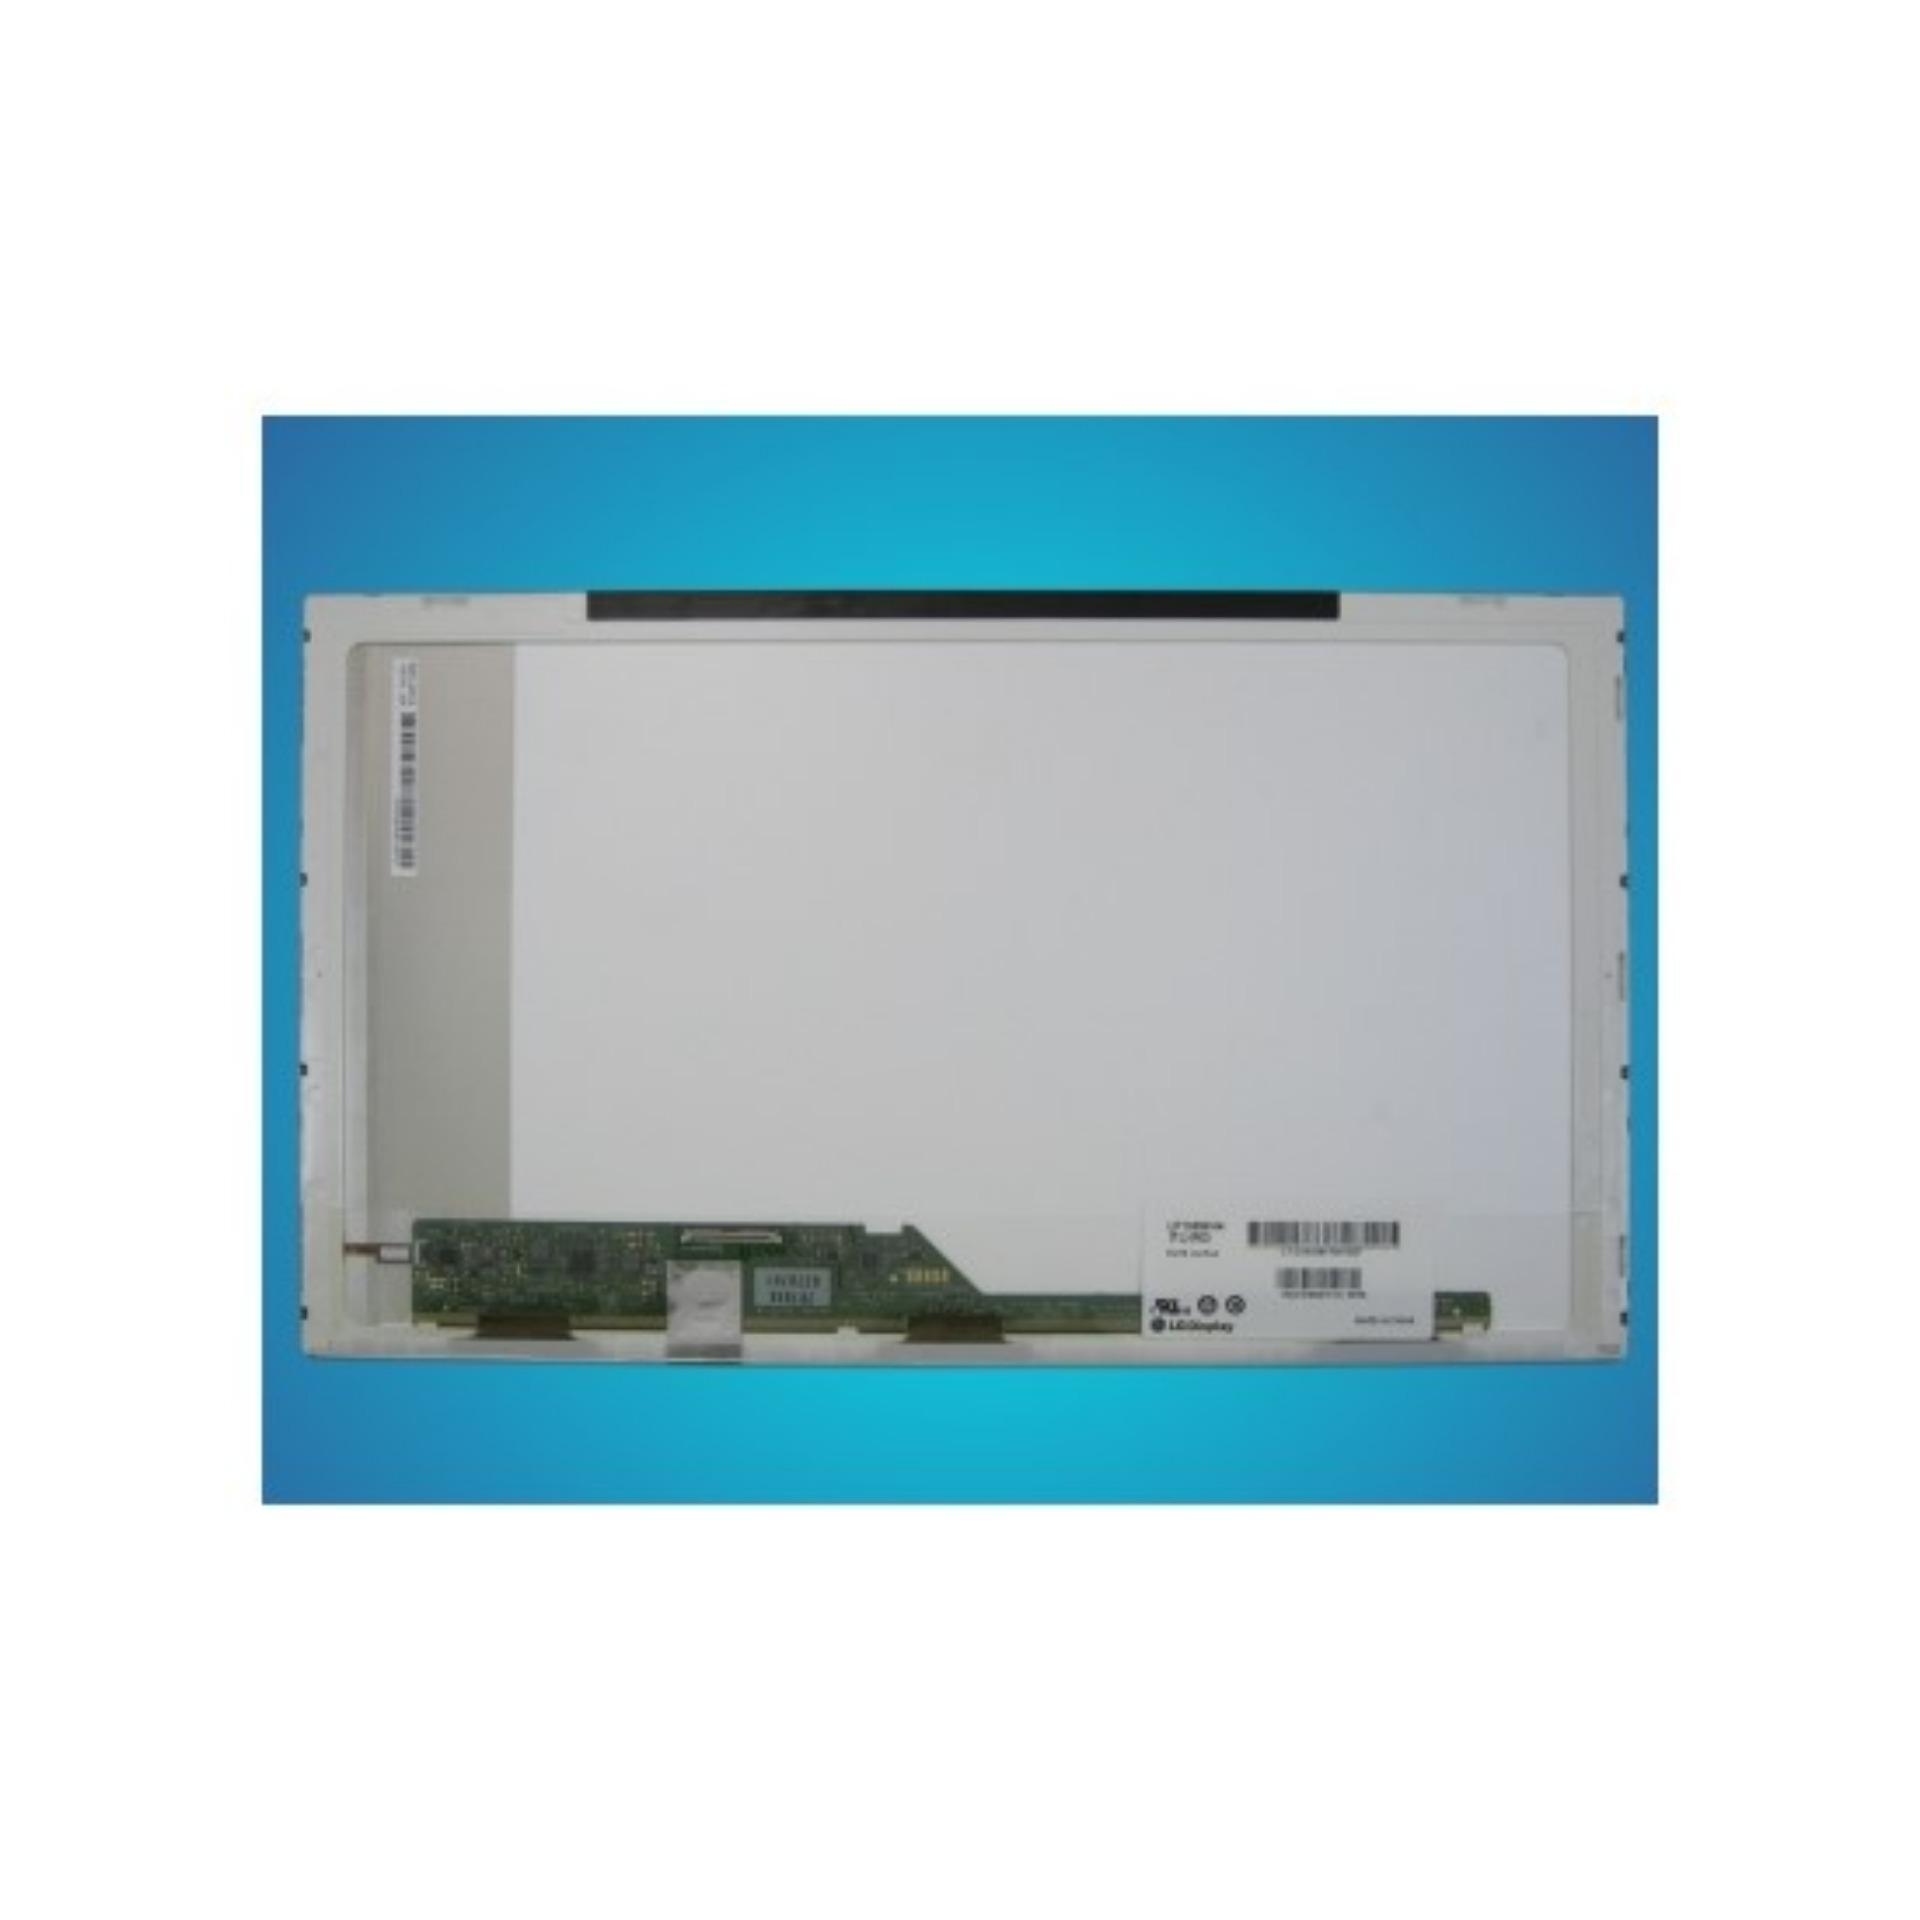 """Hình ảnh Màn hình laptop Asus G50 G51JX G51VX G53 G55VW G56 K51 K52 K53 K55 N53 N55 N56 ( Led dày 15.6"""", 40pin, 1366 x 768)"""